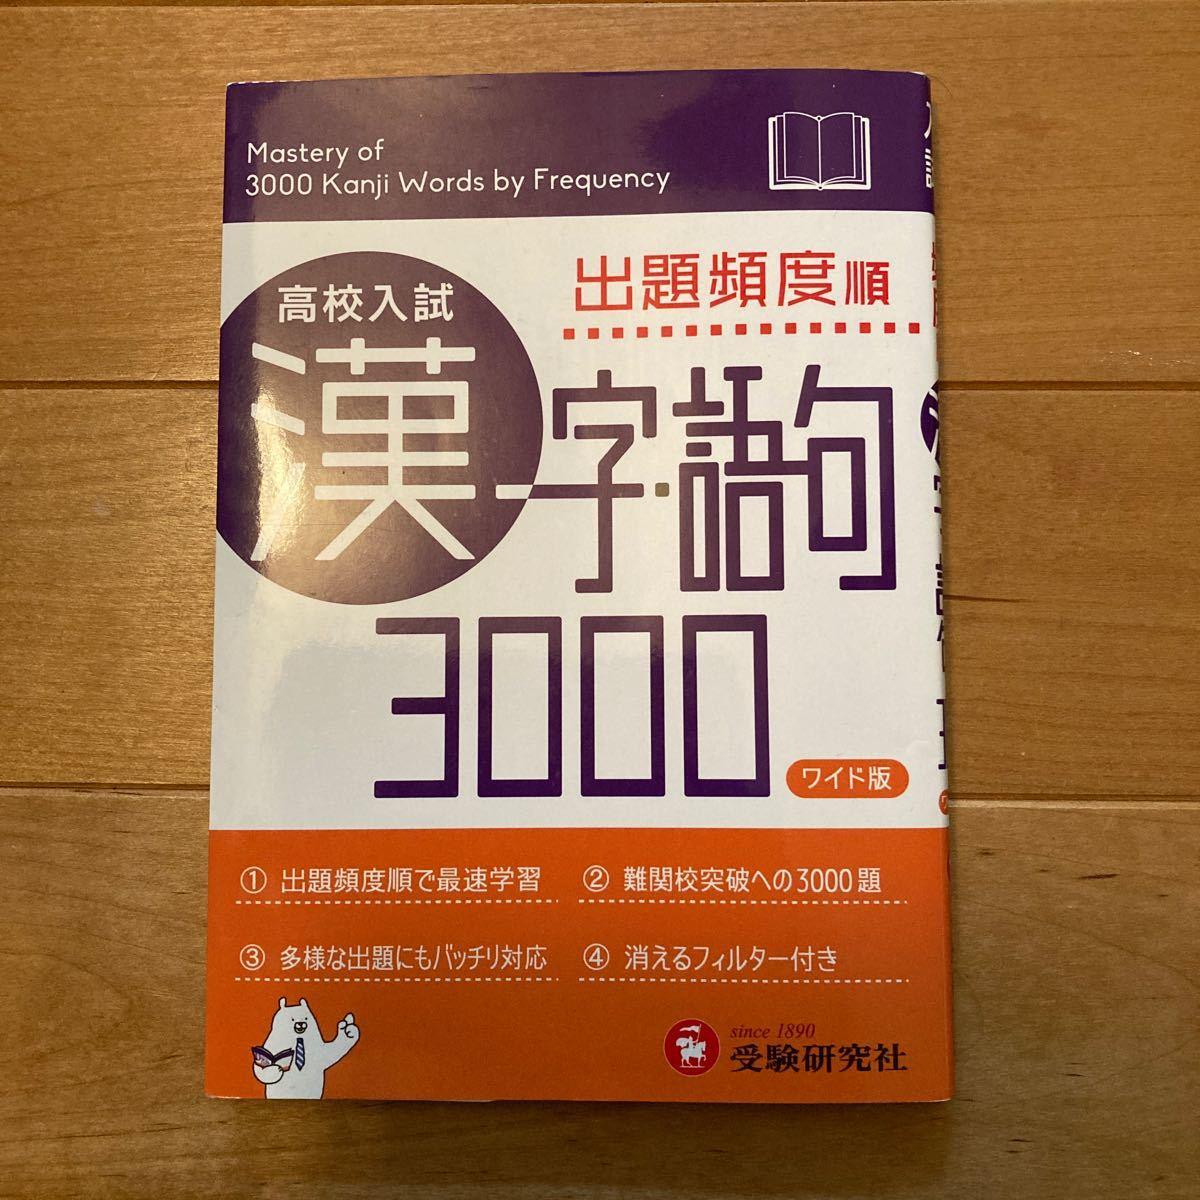 高校入試漢字語句3000 出題頻度順 ワイド版/中学教育研究会